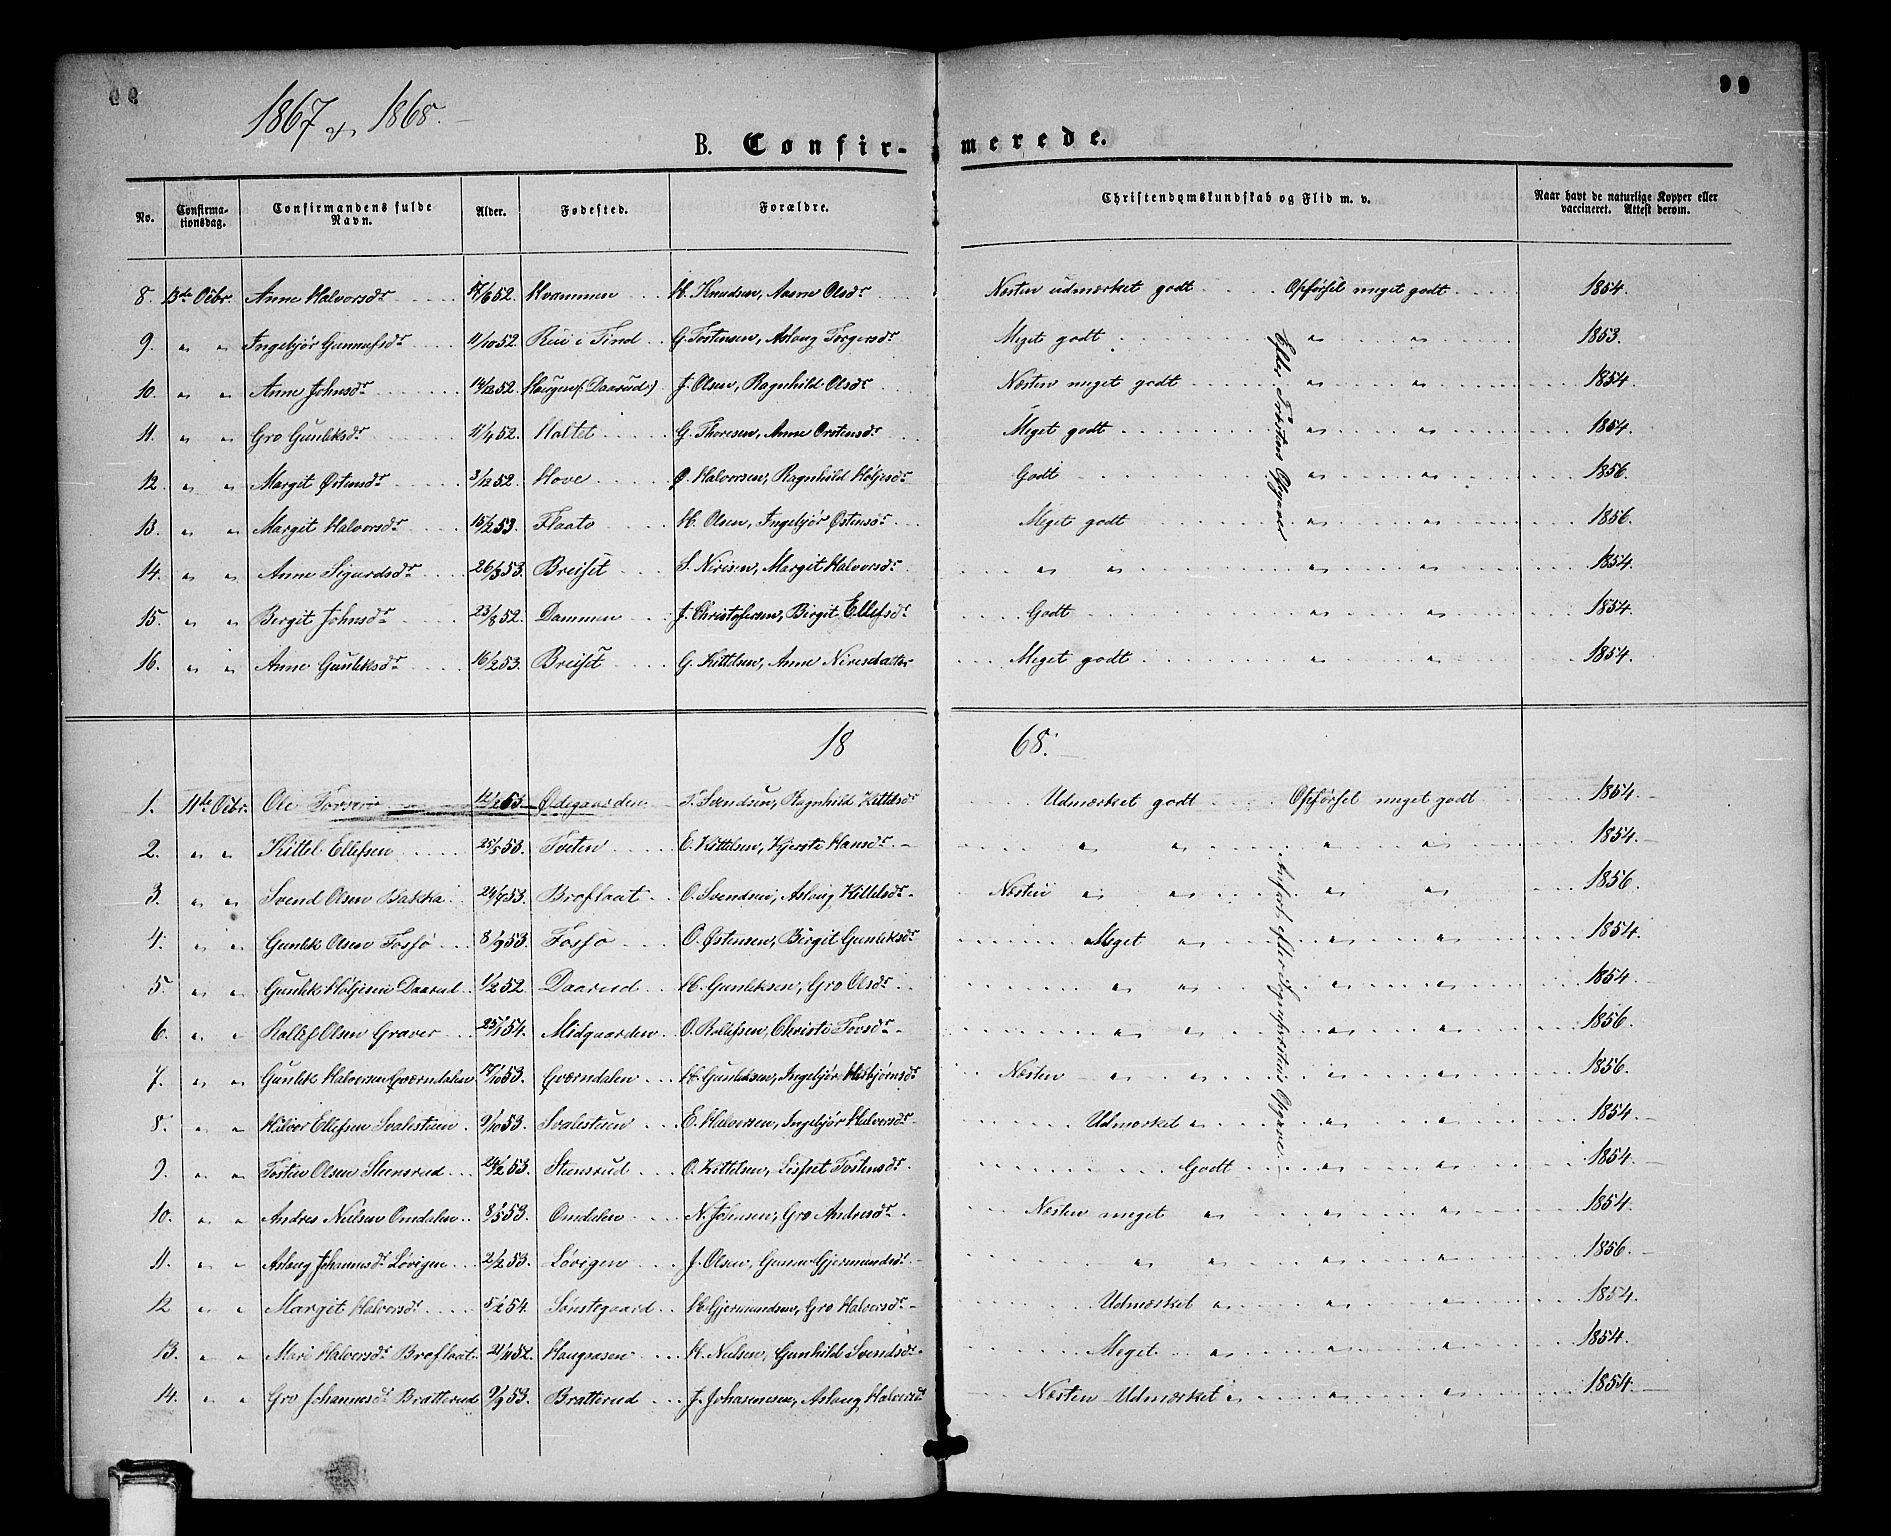 SAKO, Gransherad kirkebøker, G/Gb/L0002: Klokkerbok nr. II 2, 1860-1886, s. 99